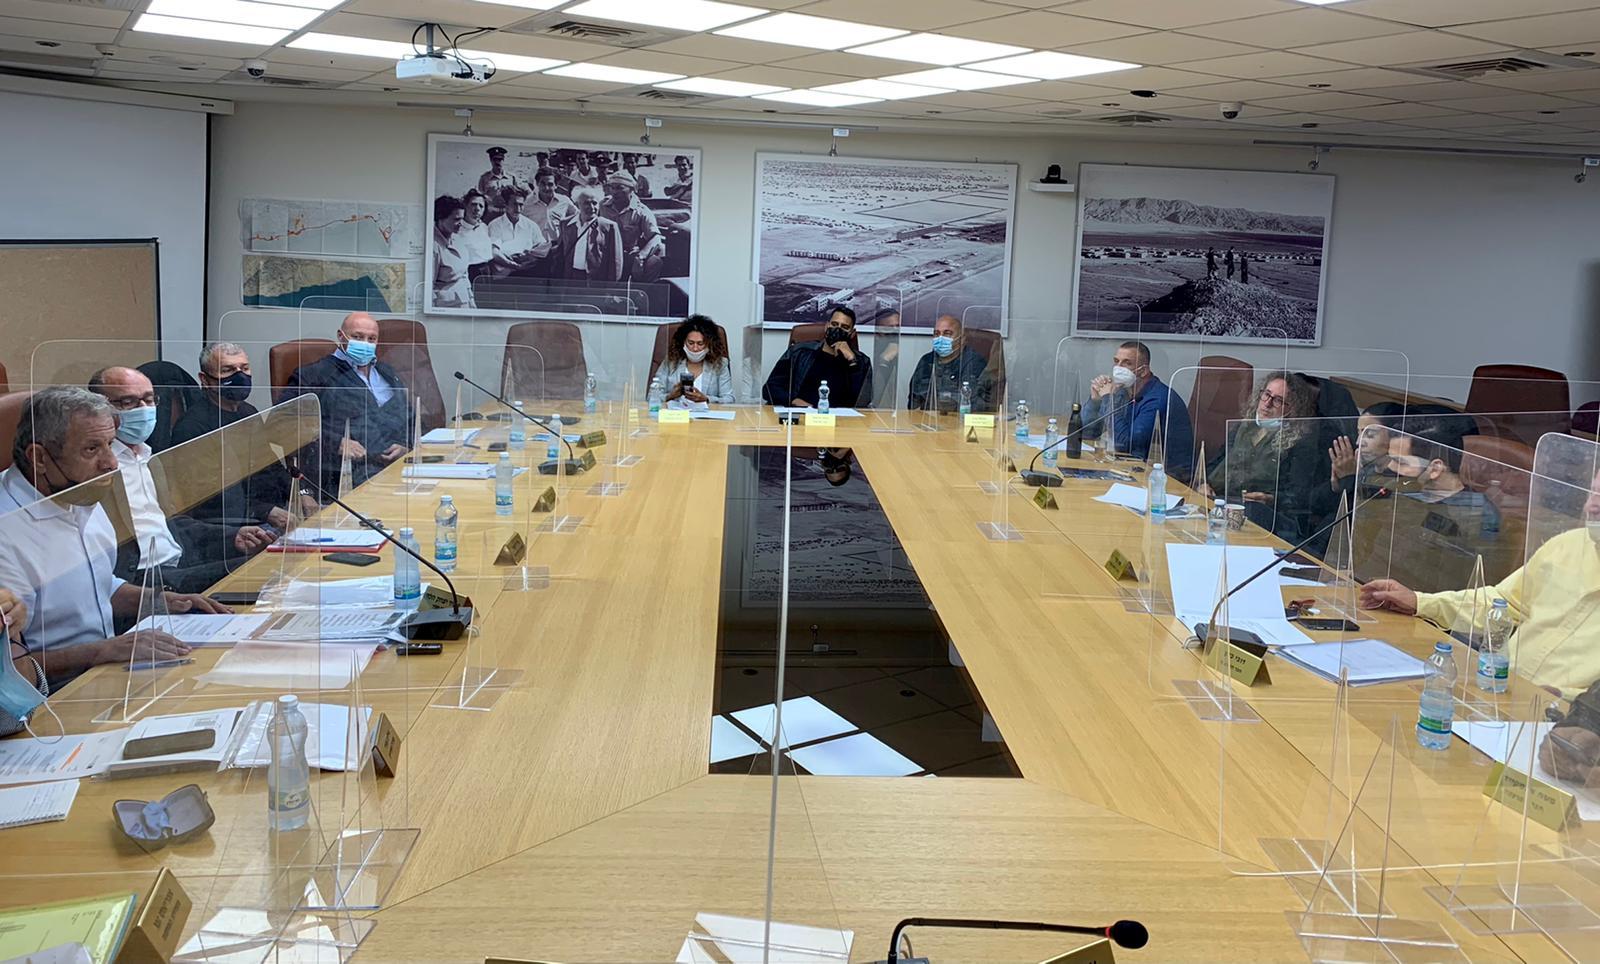 יהודה מורדי הכניס את מועצת העירייה והנהלתה לבידוד לאחר שהתגלה כחולה מאומת לקורונה